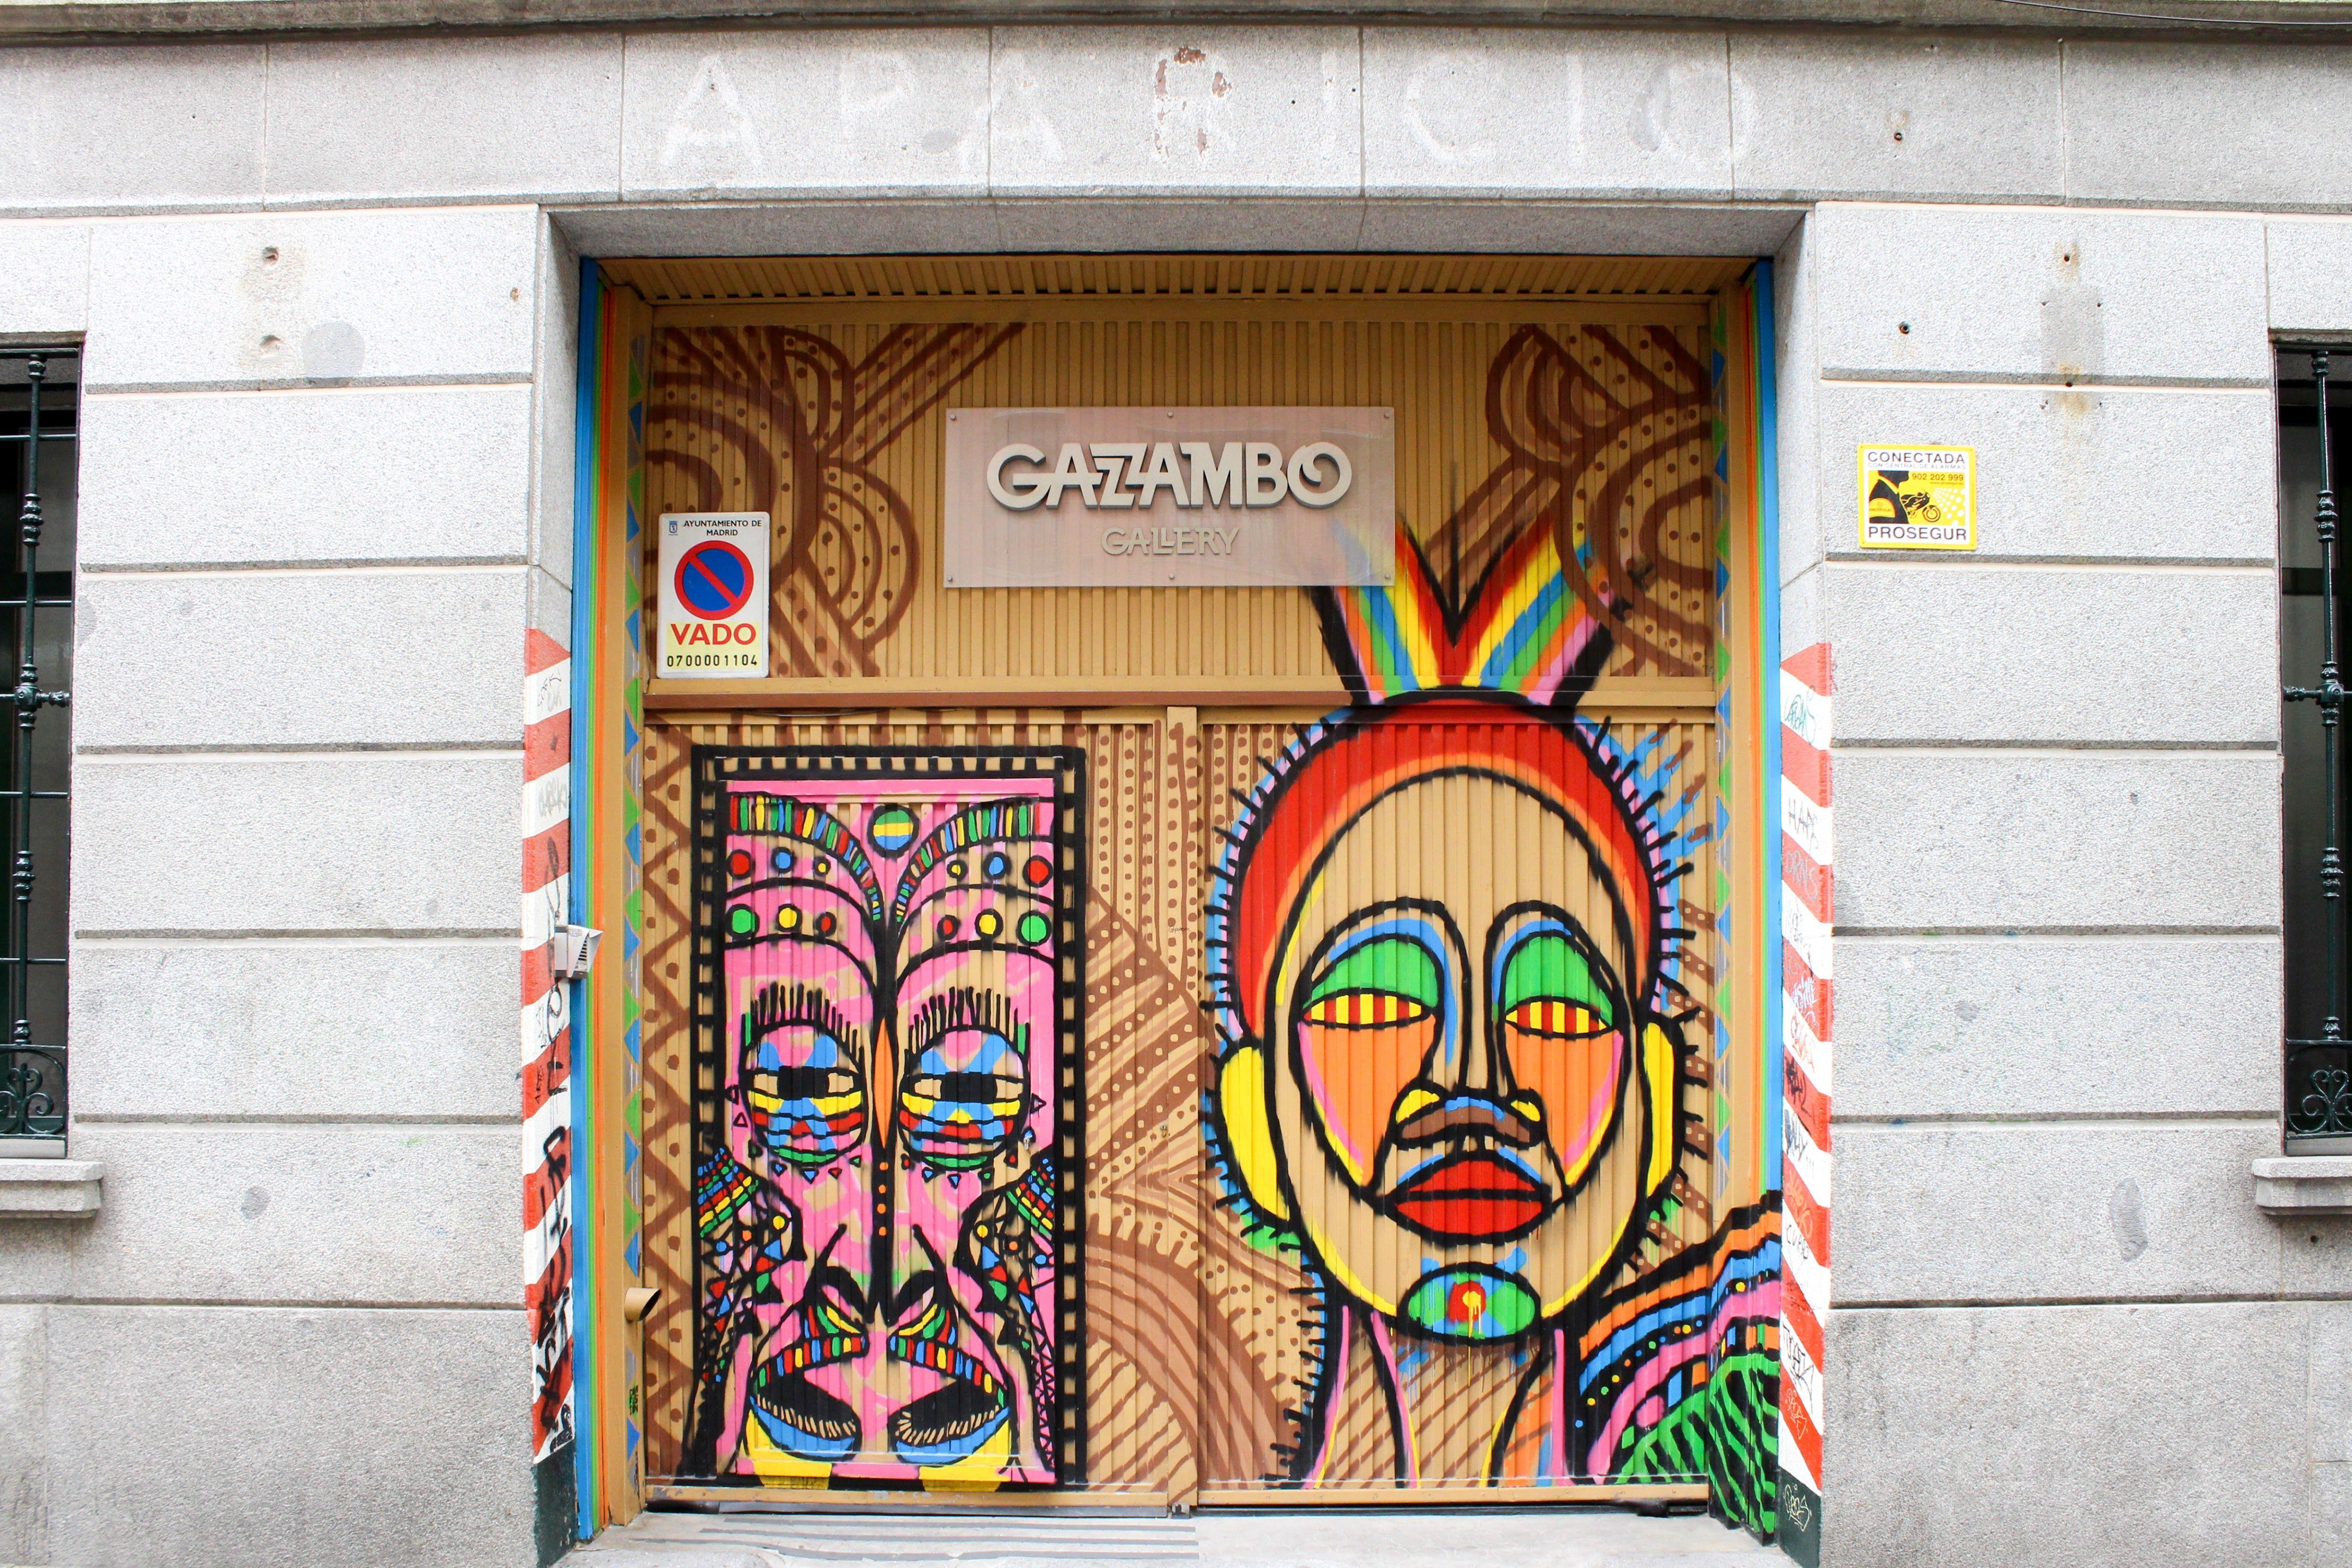 Foto 5 de African art gallery en Madrid | Gazzambo Gallery